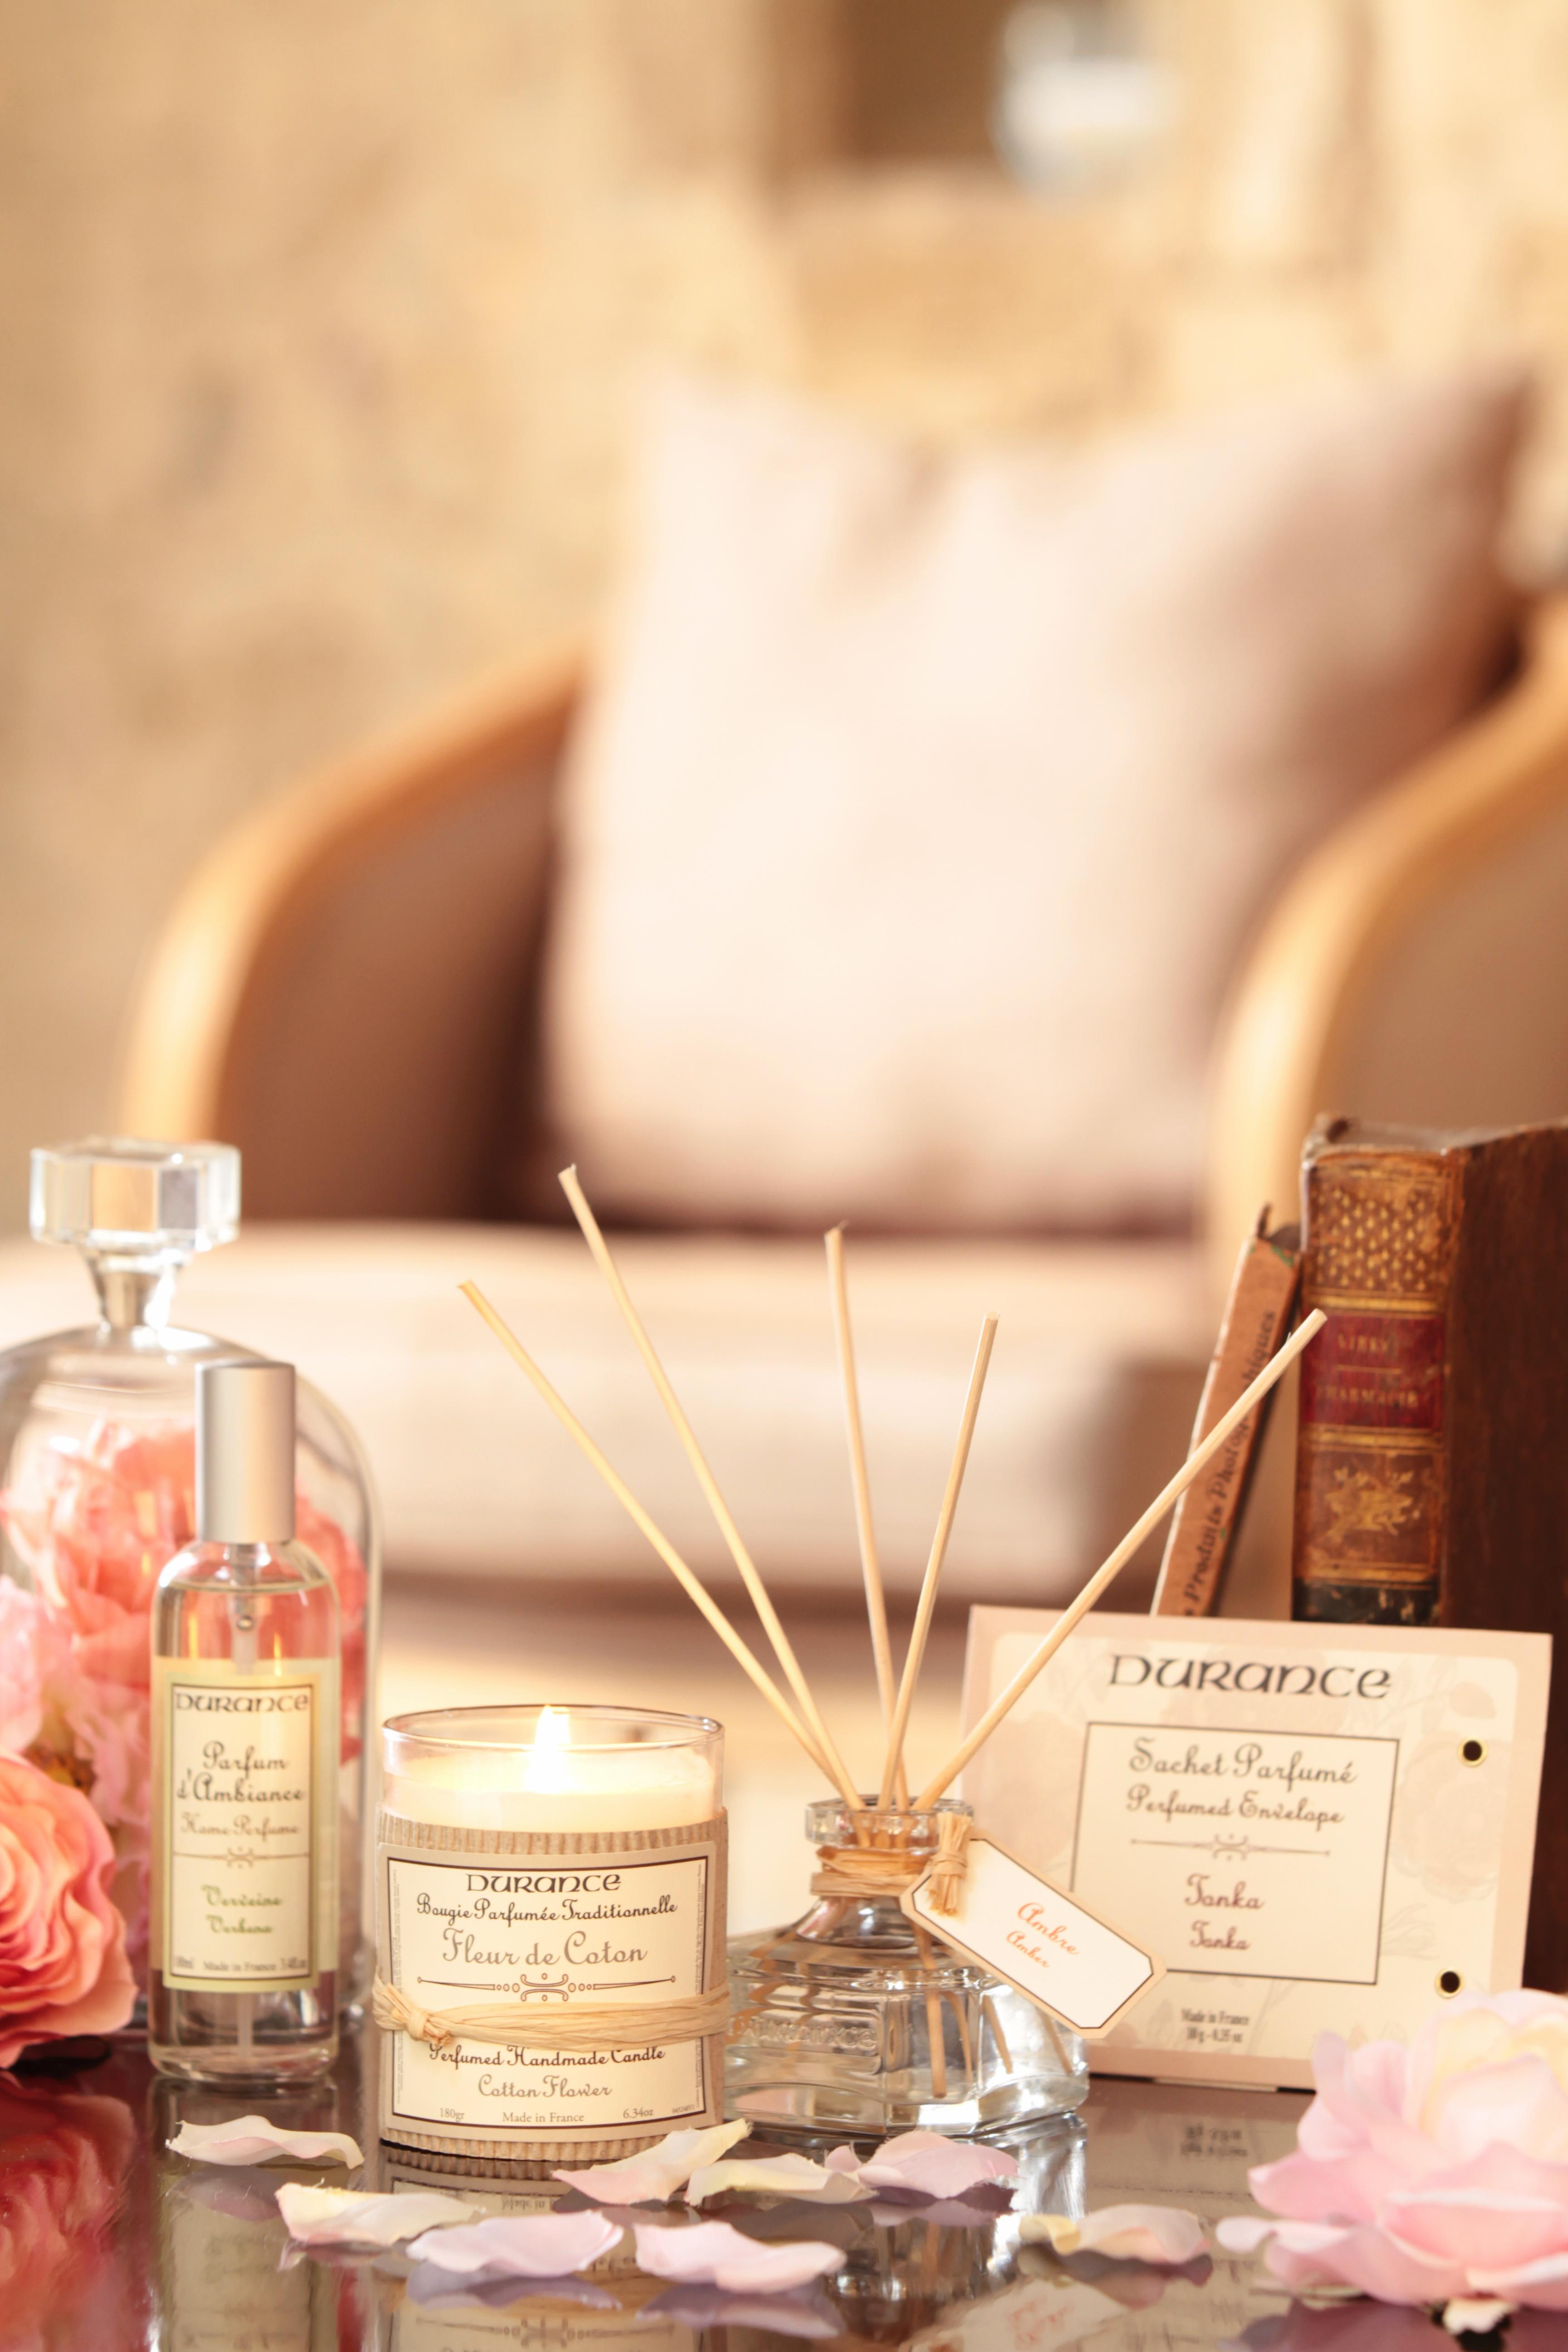 bougie-parfum-interieur-durance-provence-france